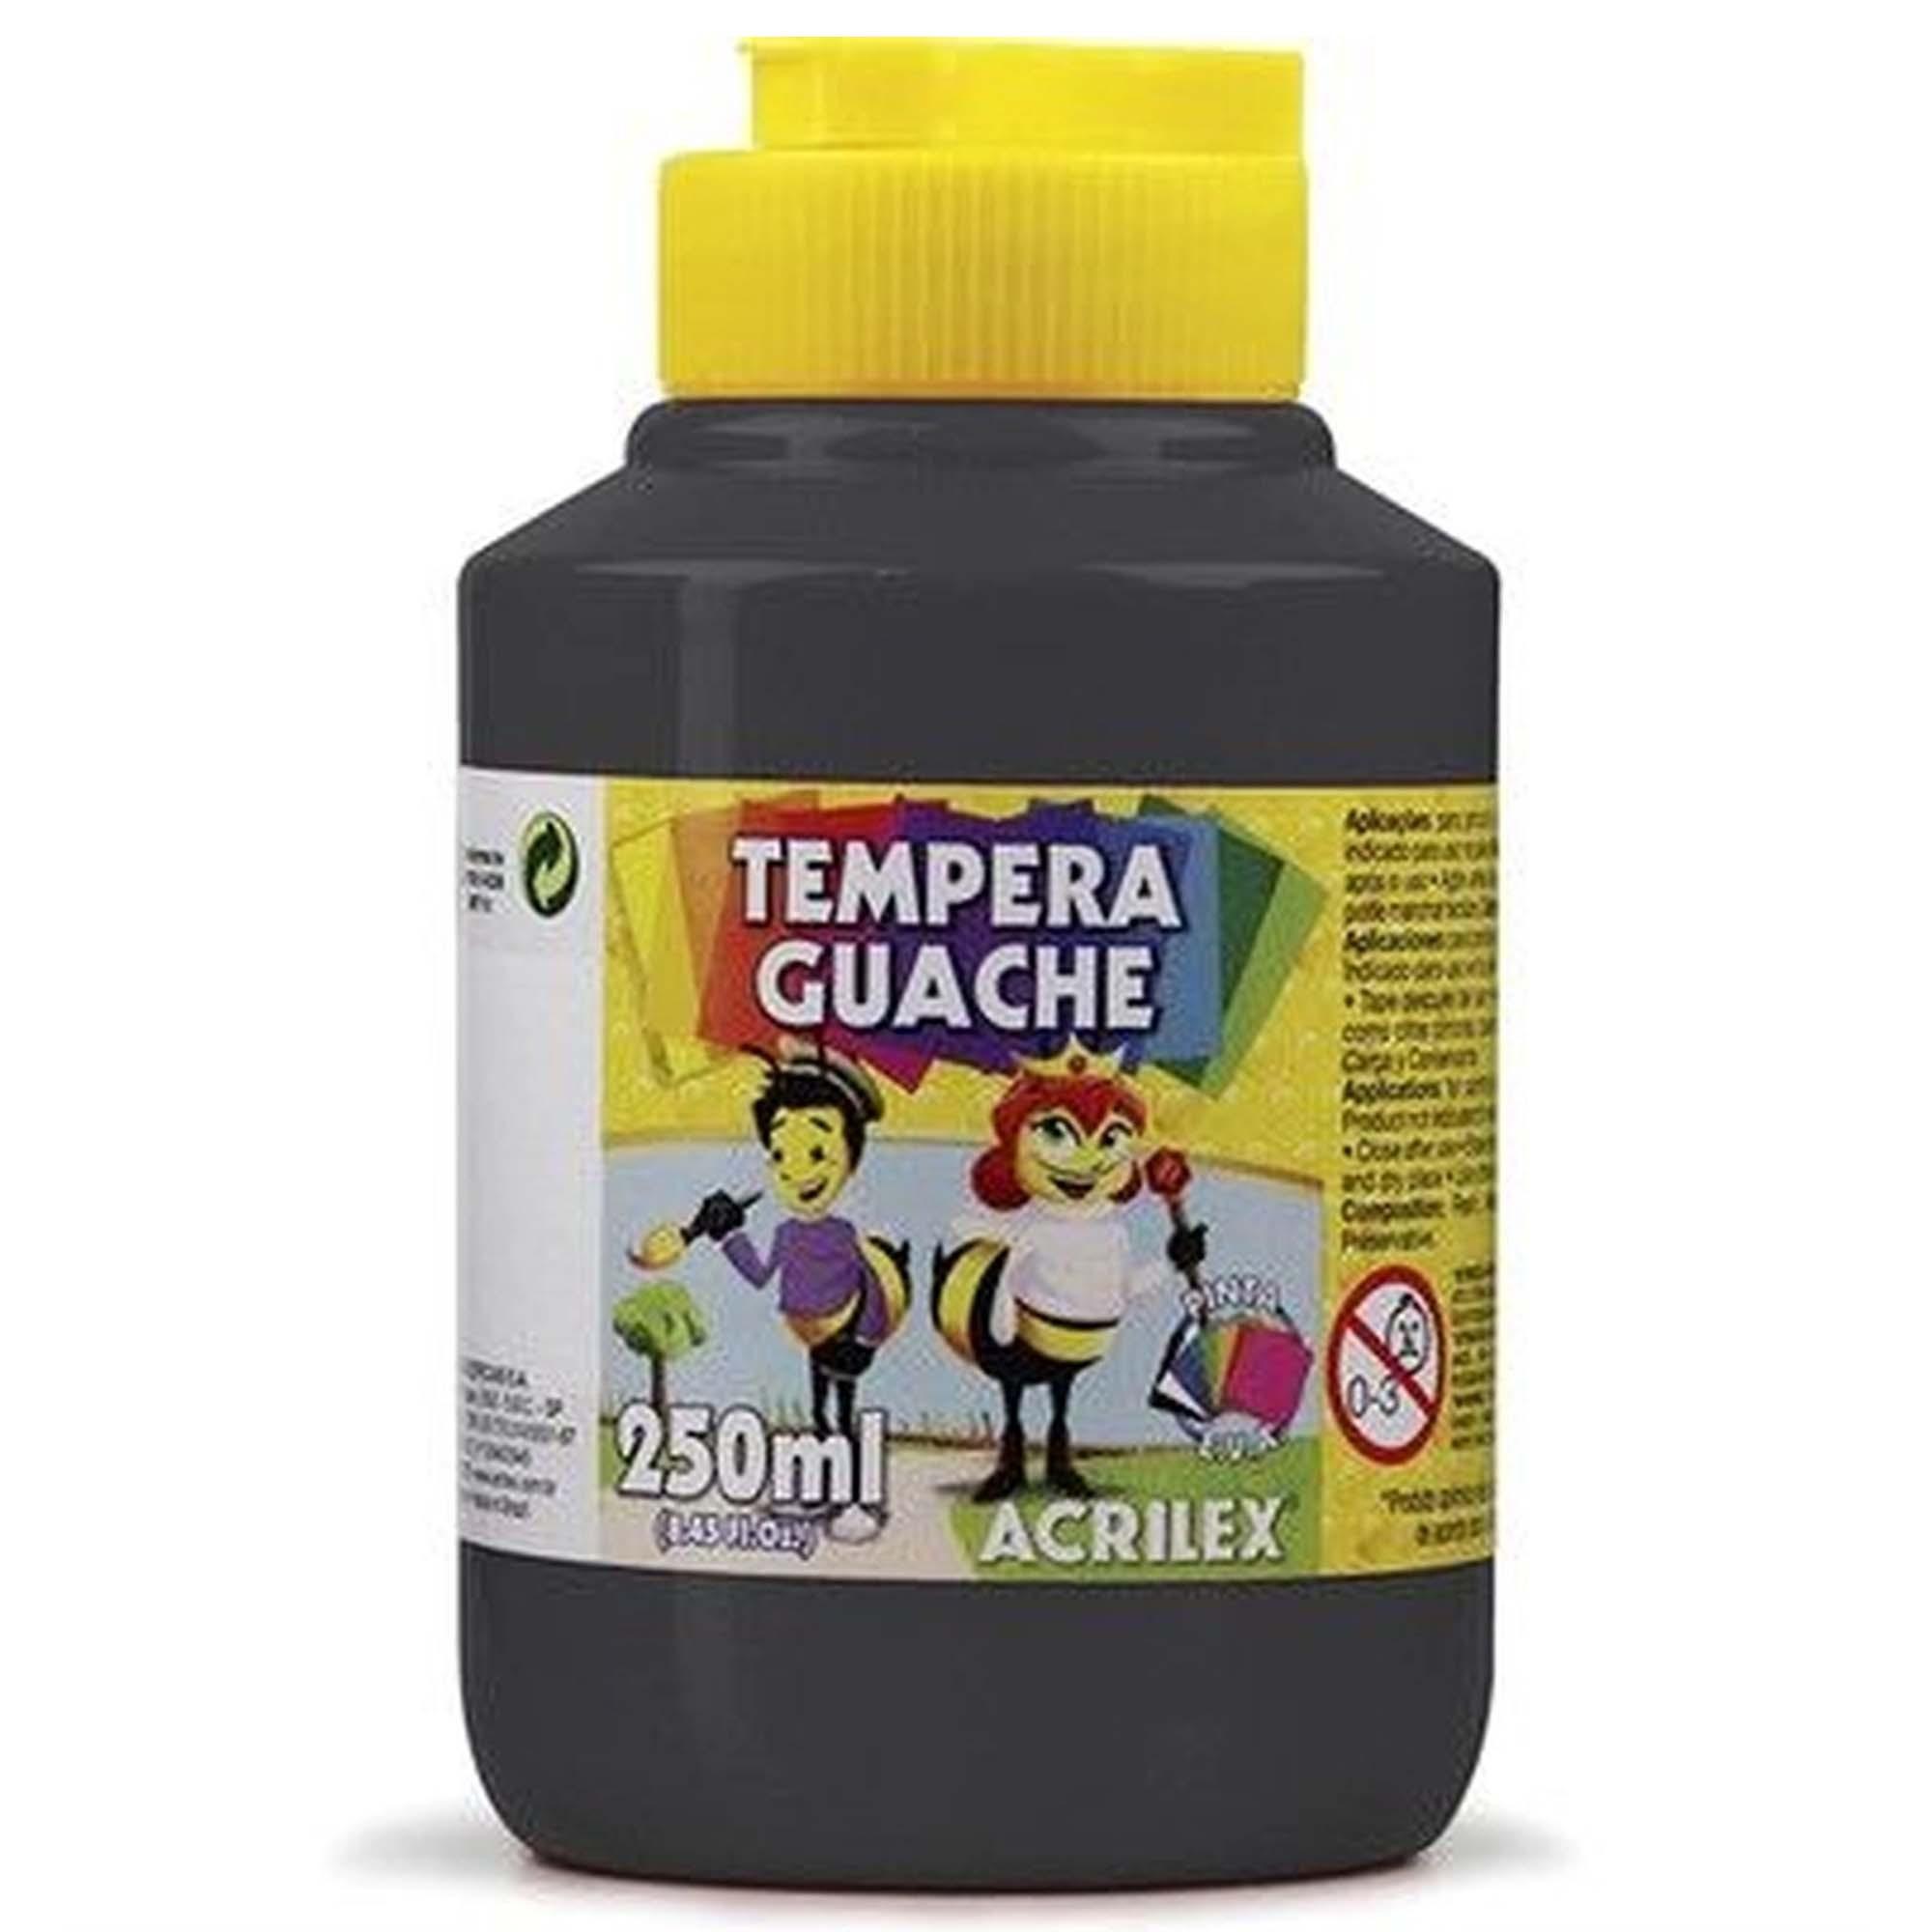 TEMPERA GUACHE 250ML - ACRILEX PRETO